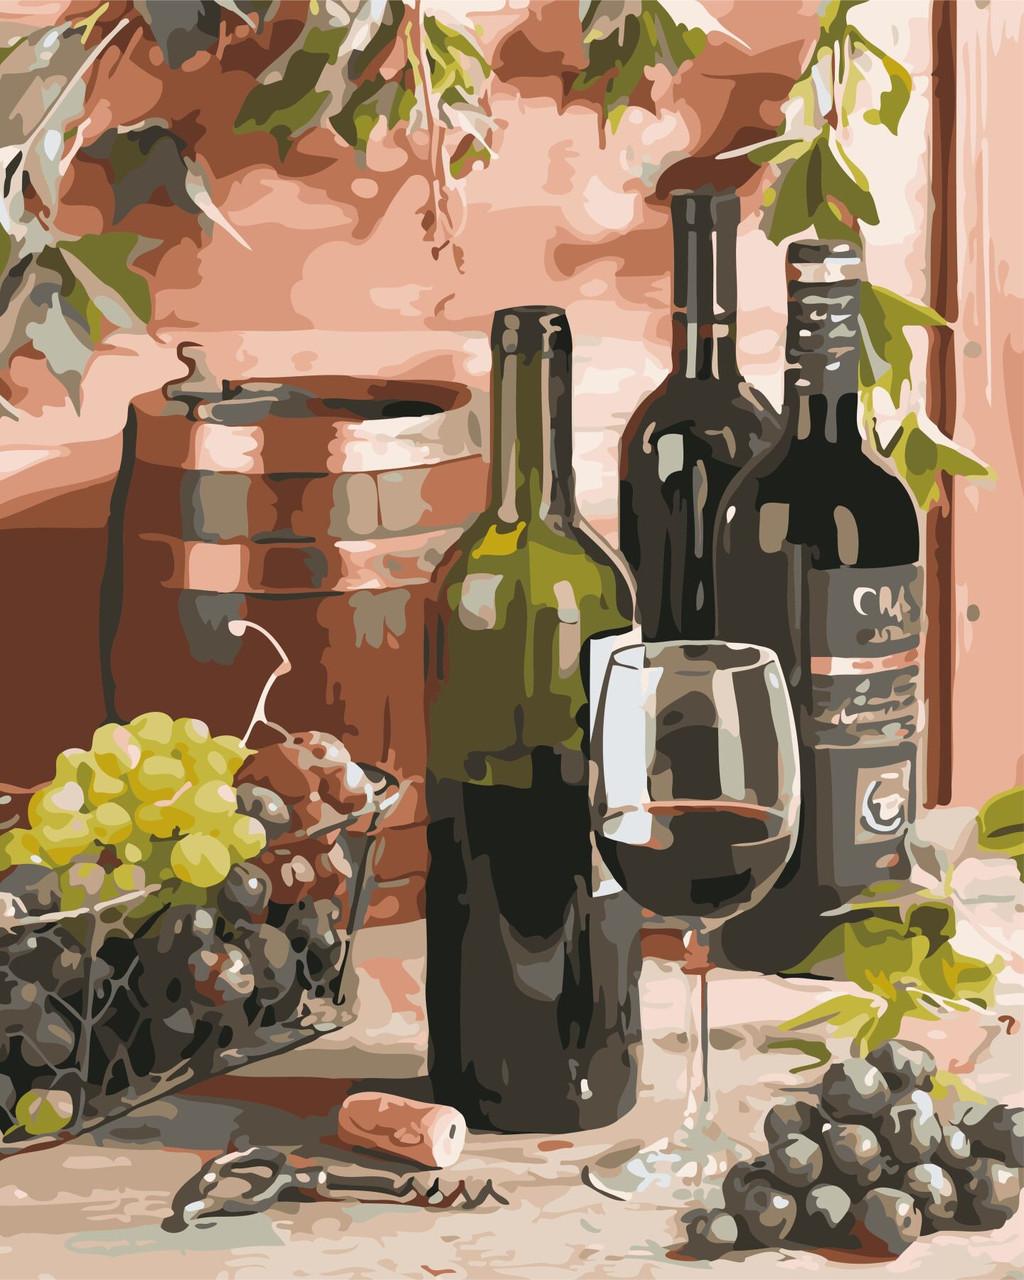 Вино для гурмана, 40х50 см в коробке «ArtStory» (AS0643)